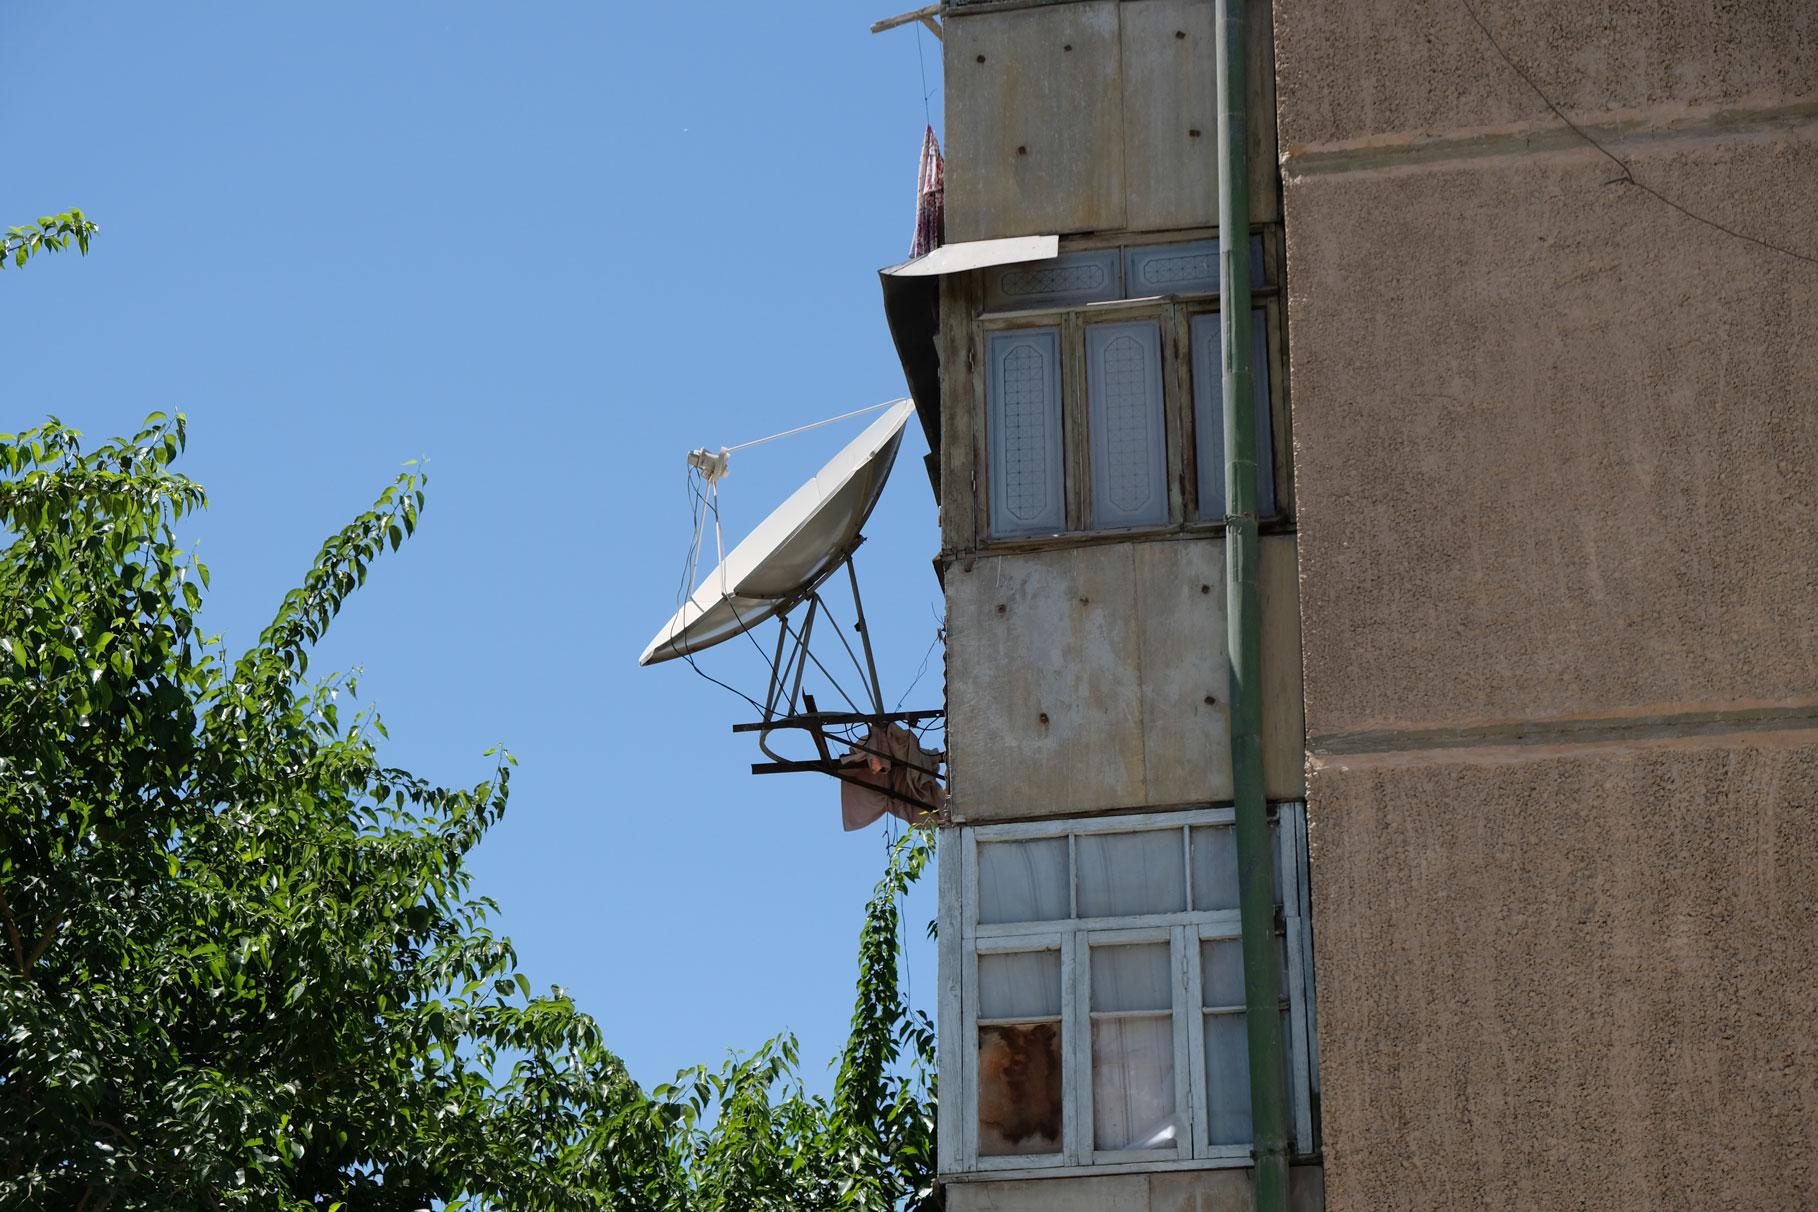 Wohnhaus mit Satellitenschüssel